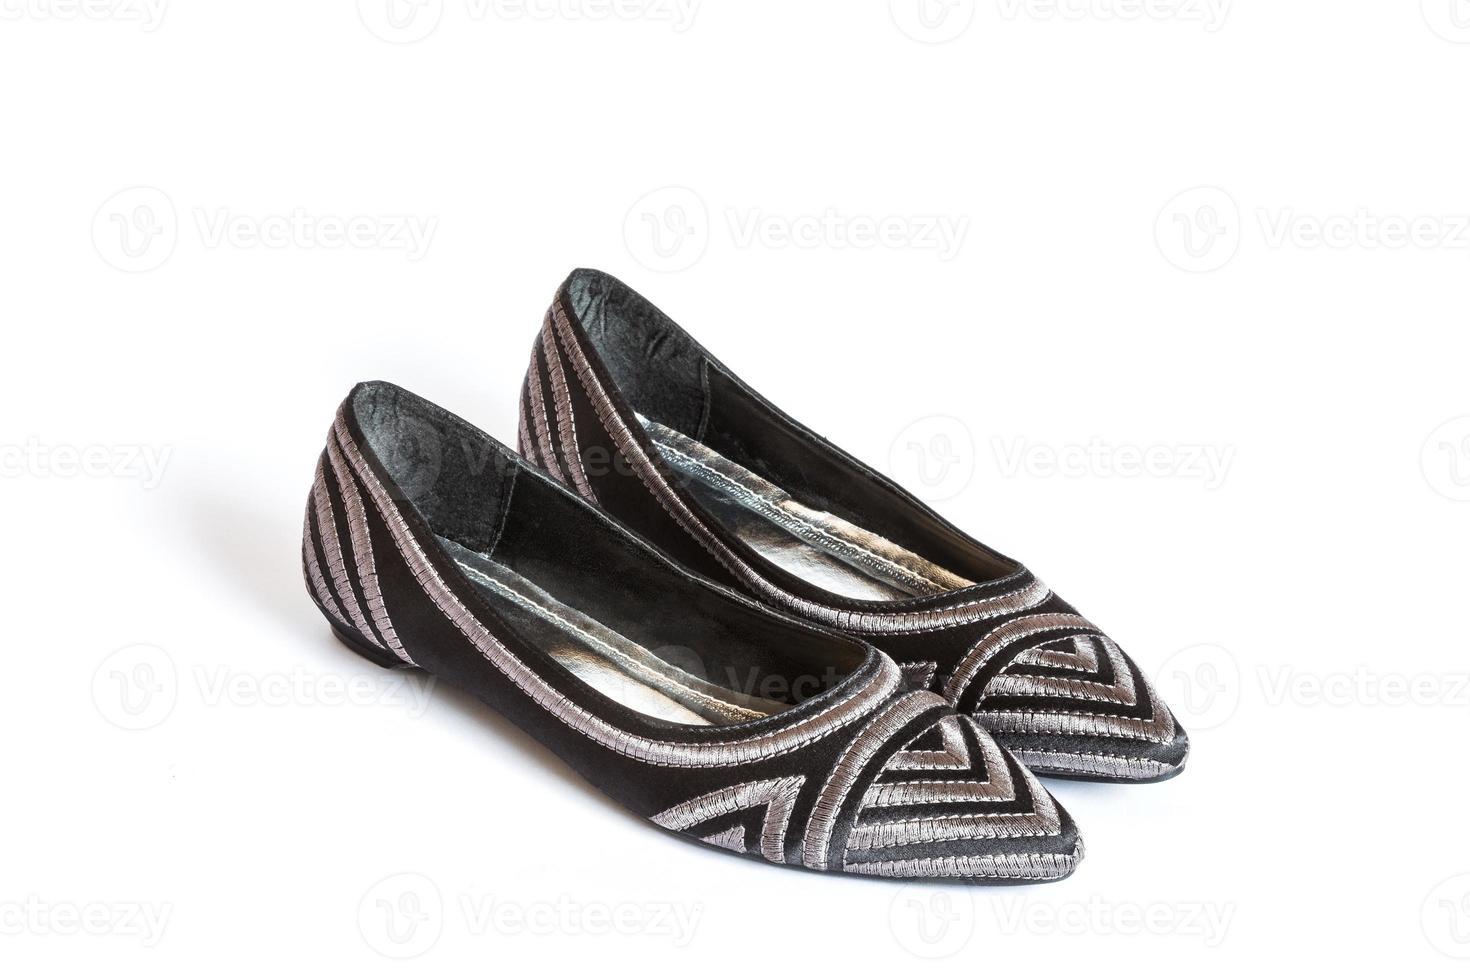 scarpe di cuoio femminili foto